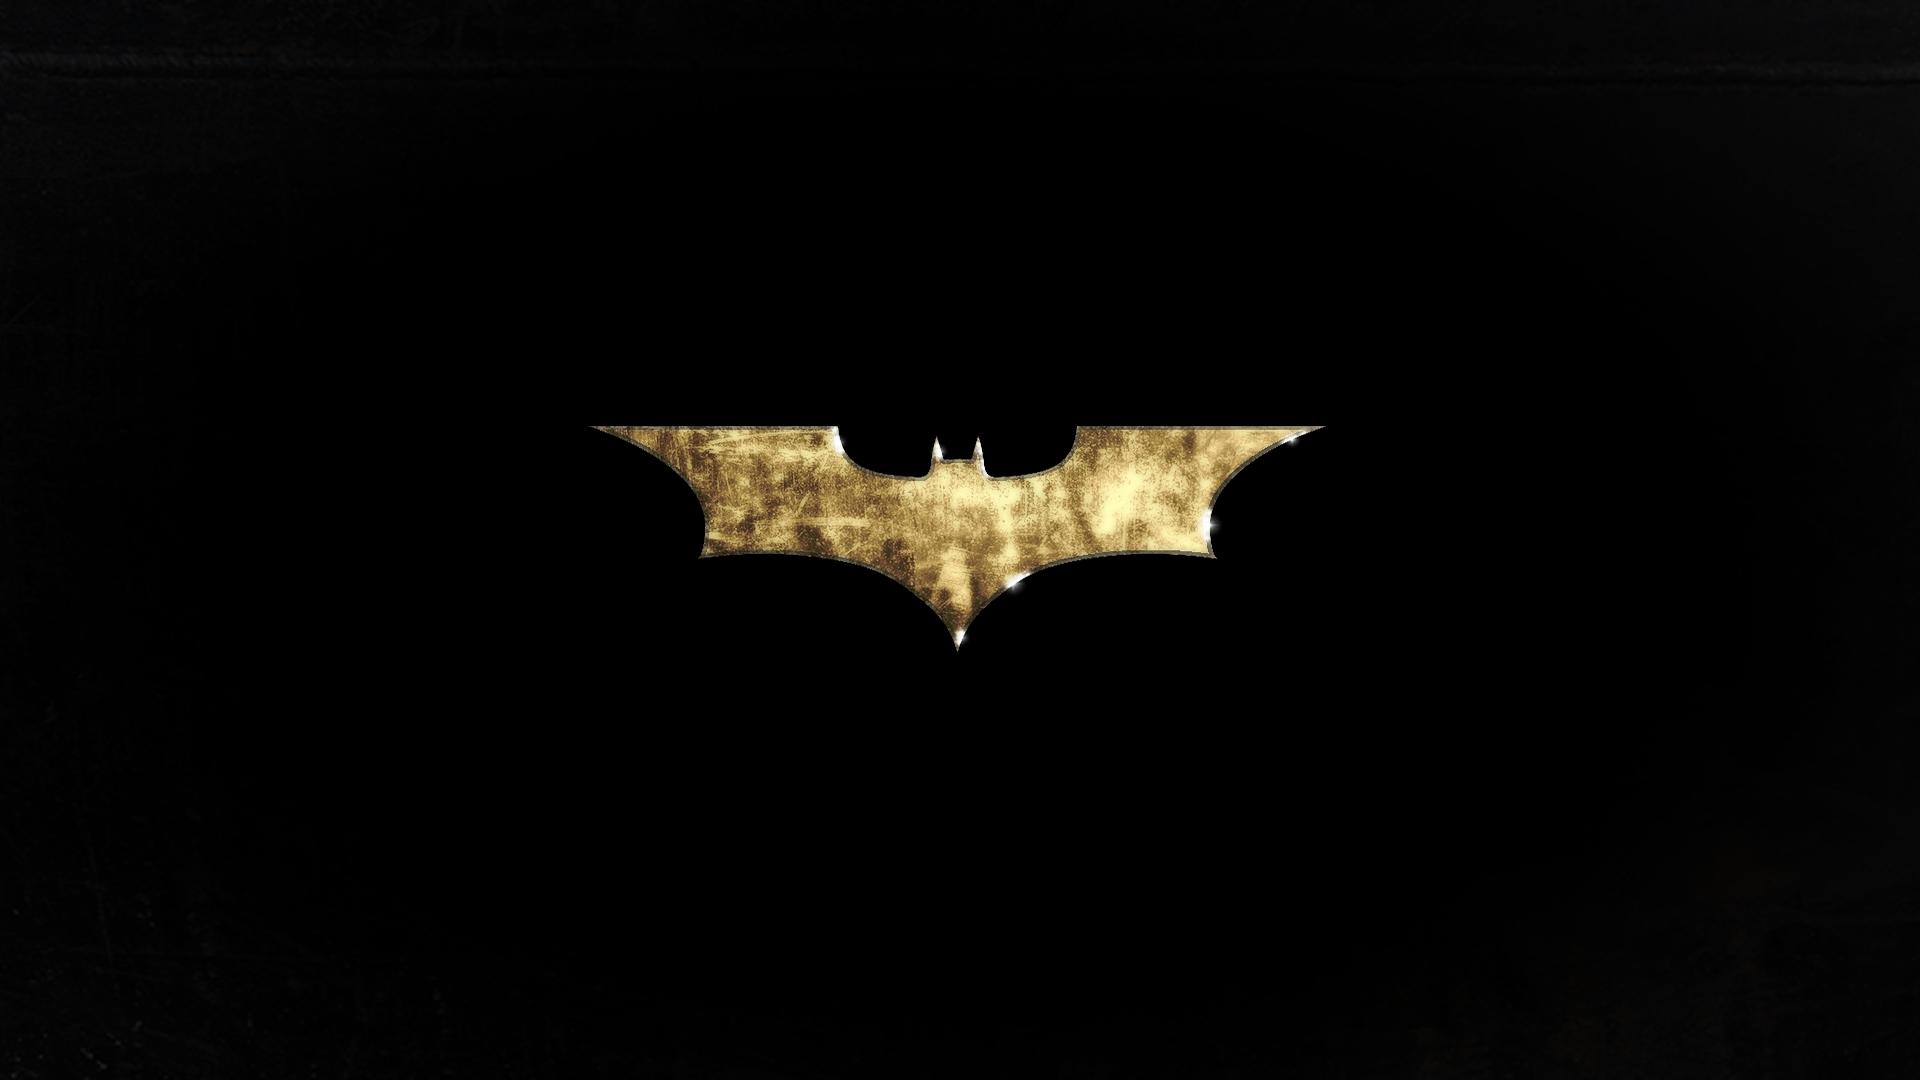 Batman vs superman nice ass - 2 part 1